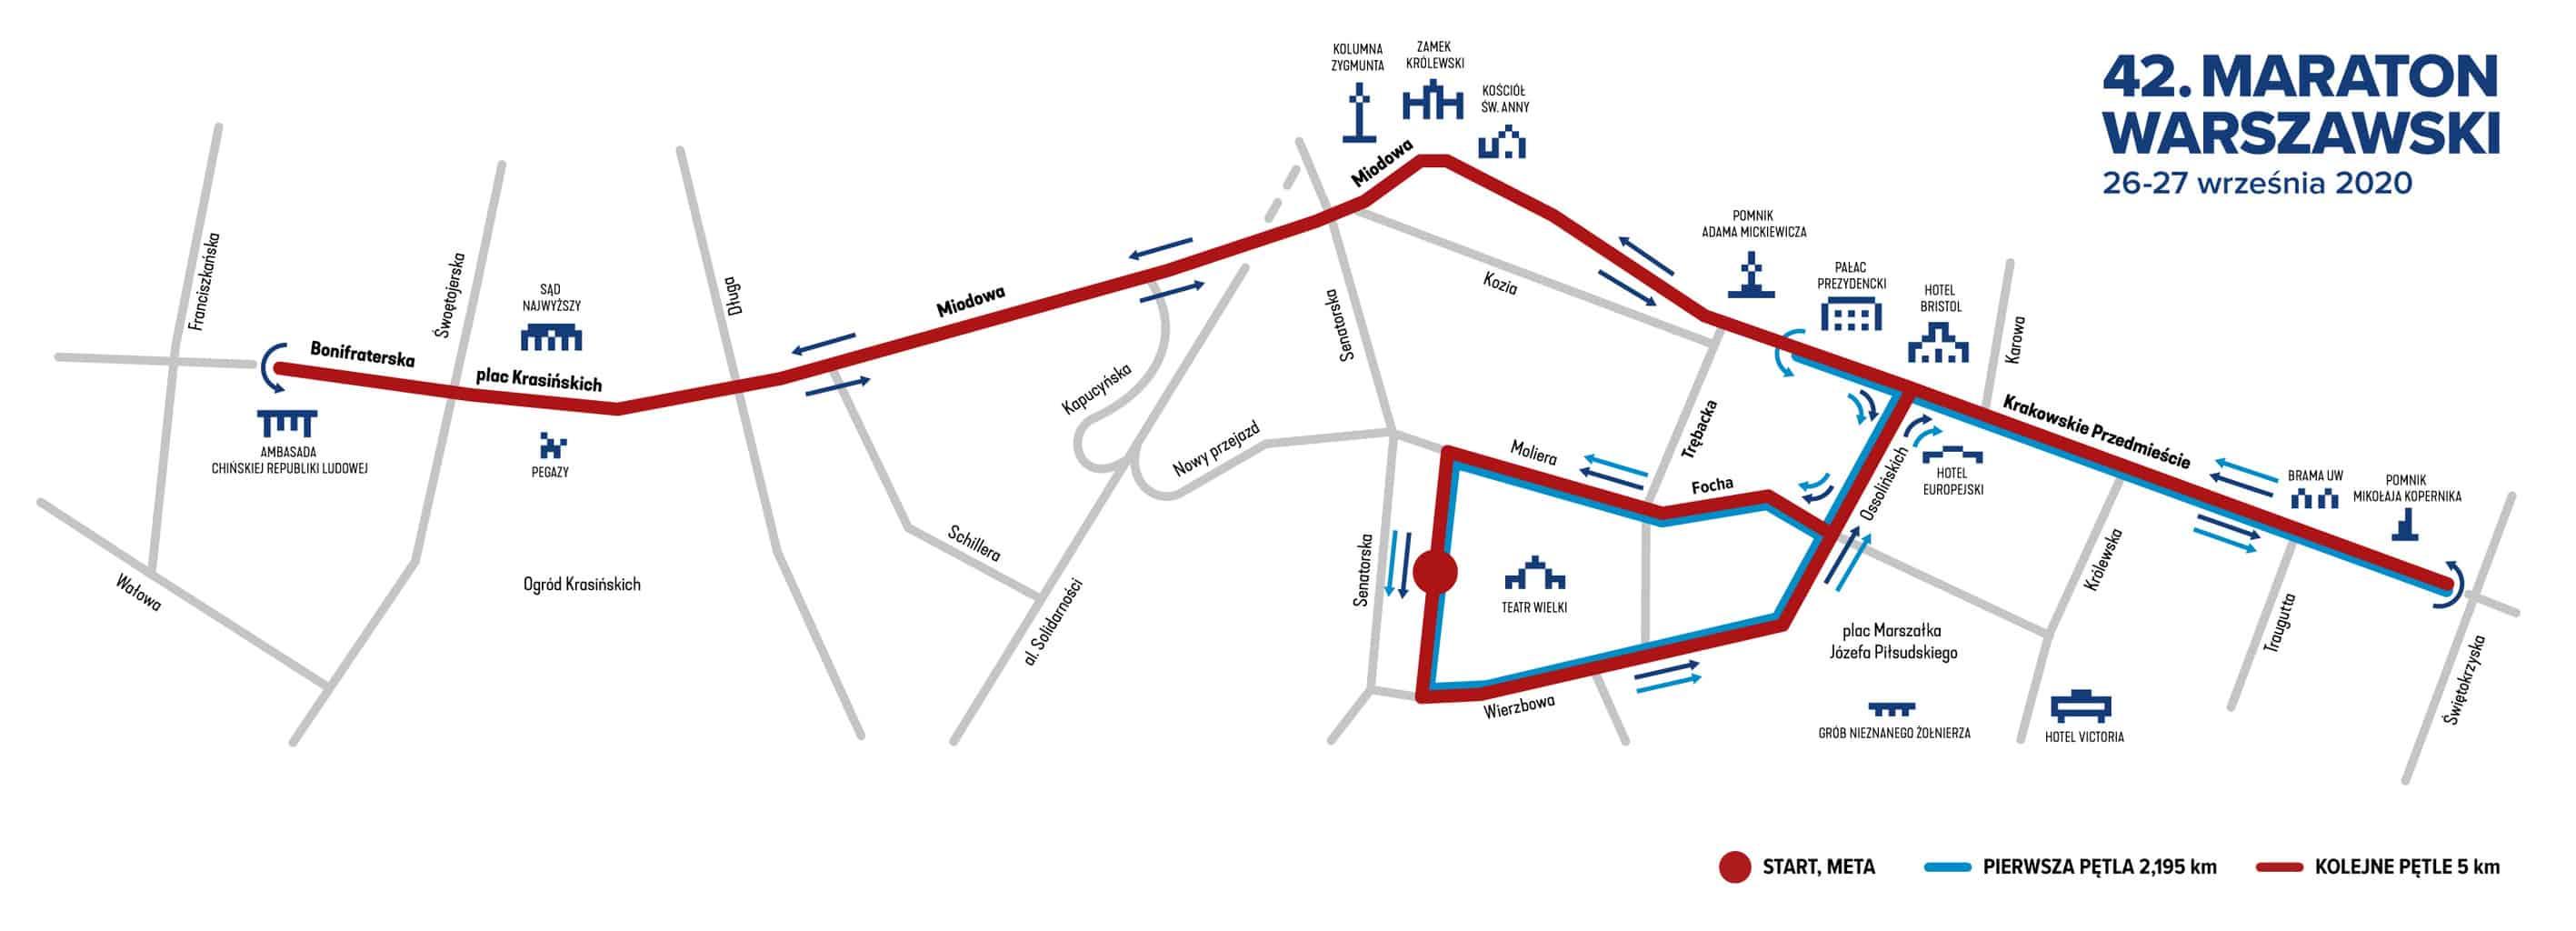 Warsaw Marathon 2020 Poland Map